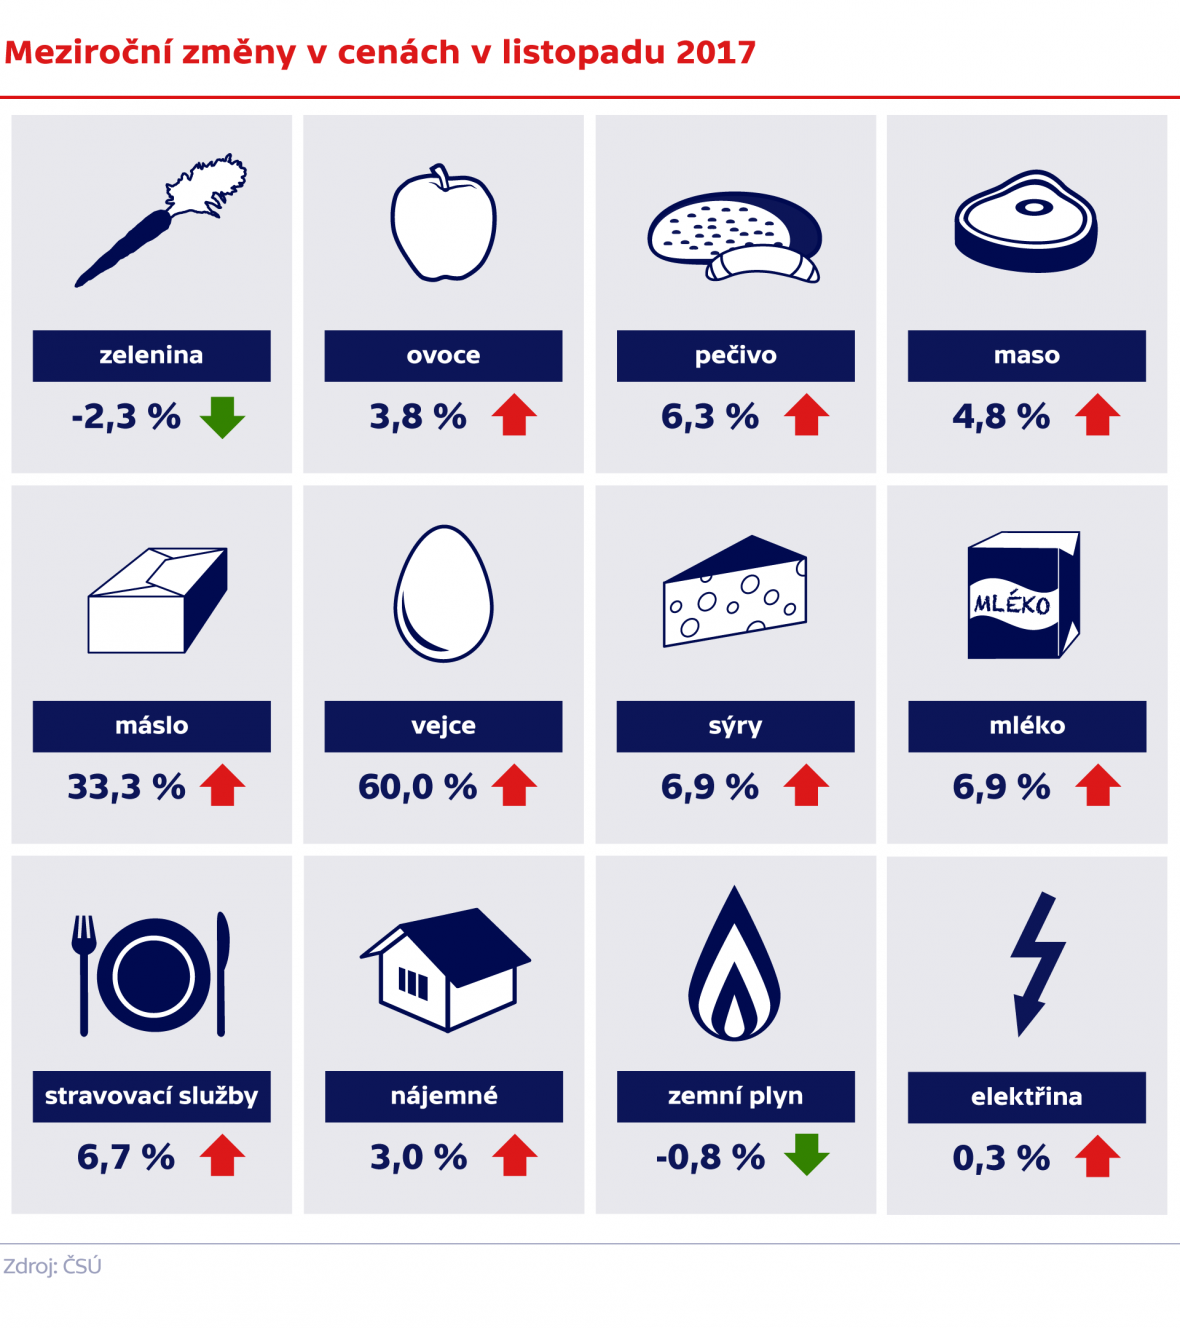 Meziroční změny v cenách v listopadu 2017